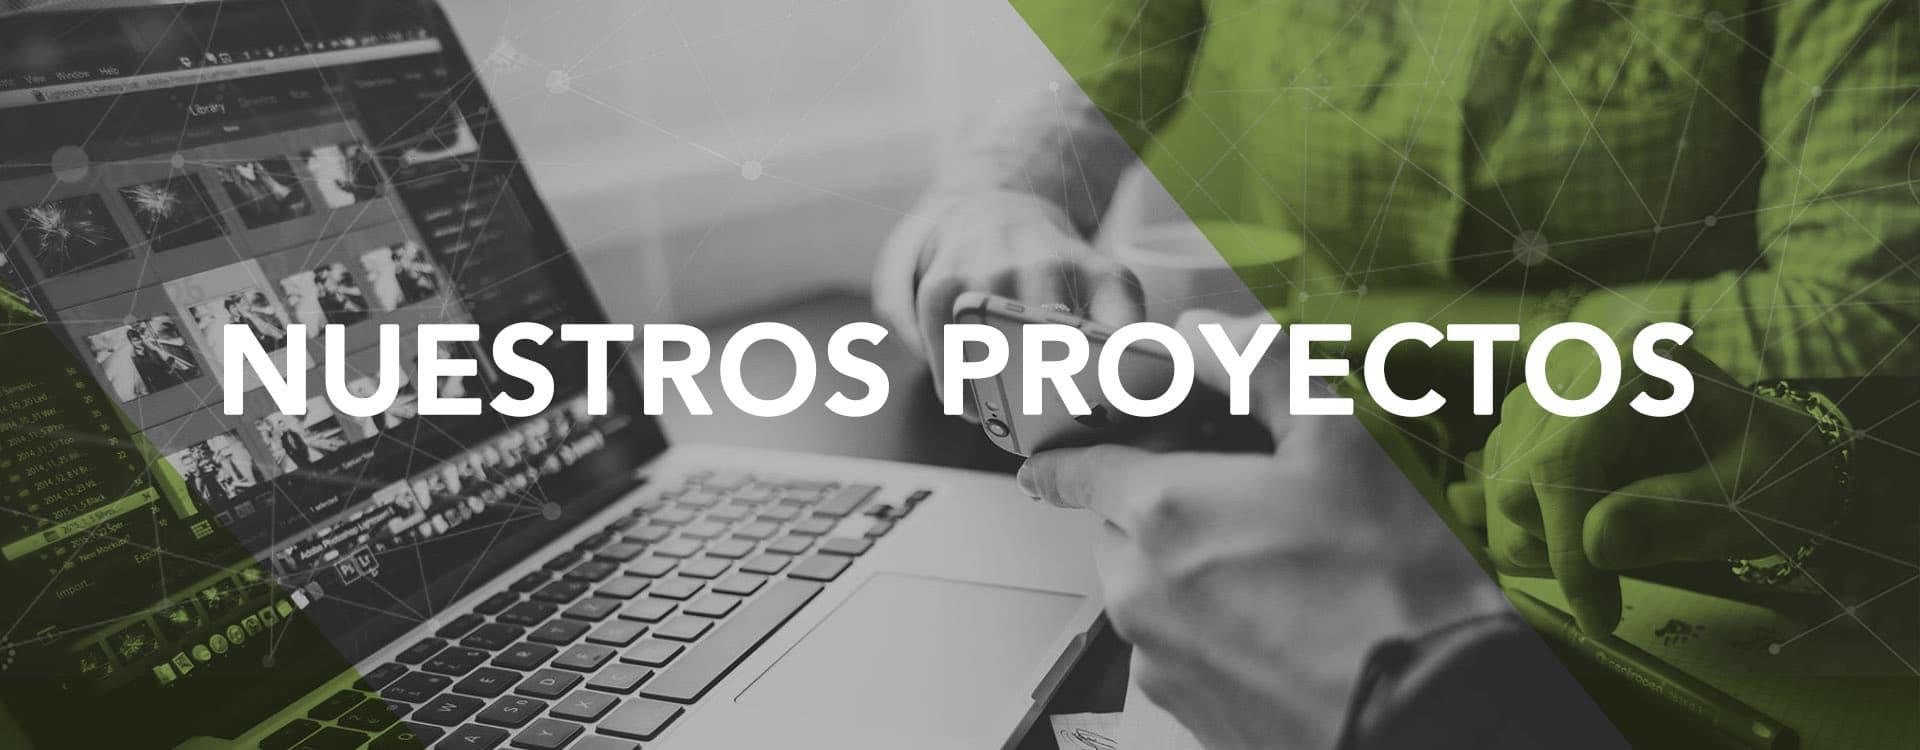 nuestros proyectos slider